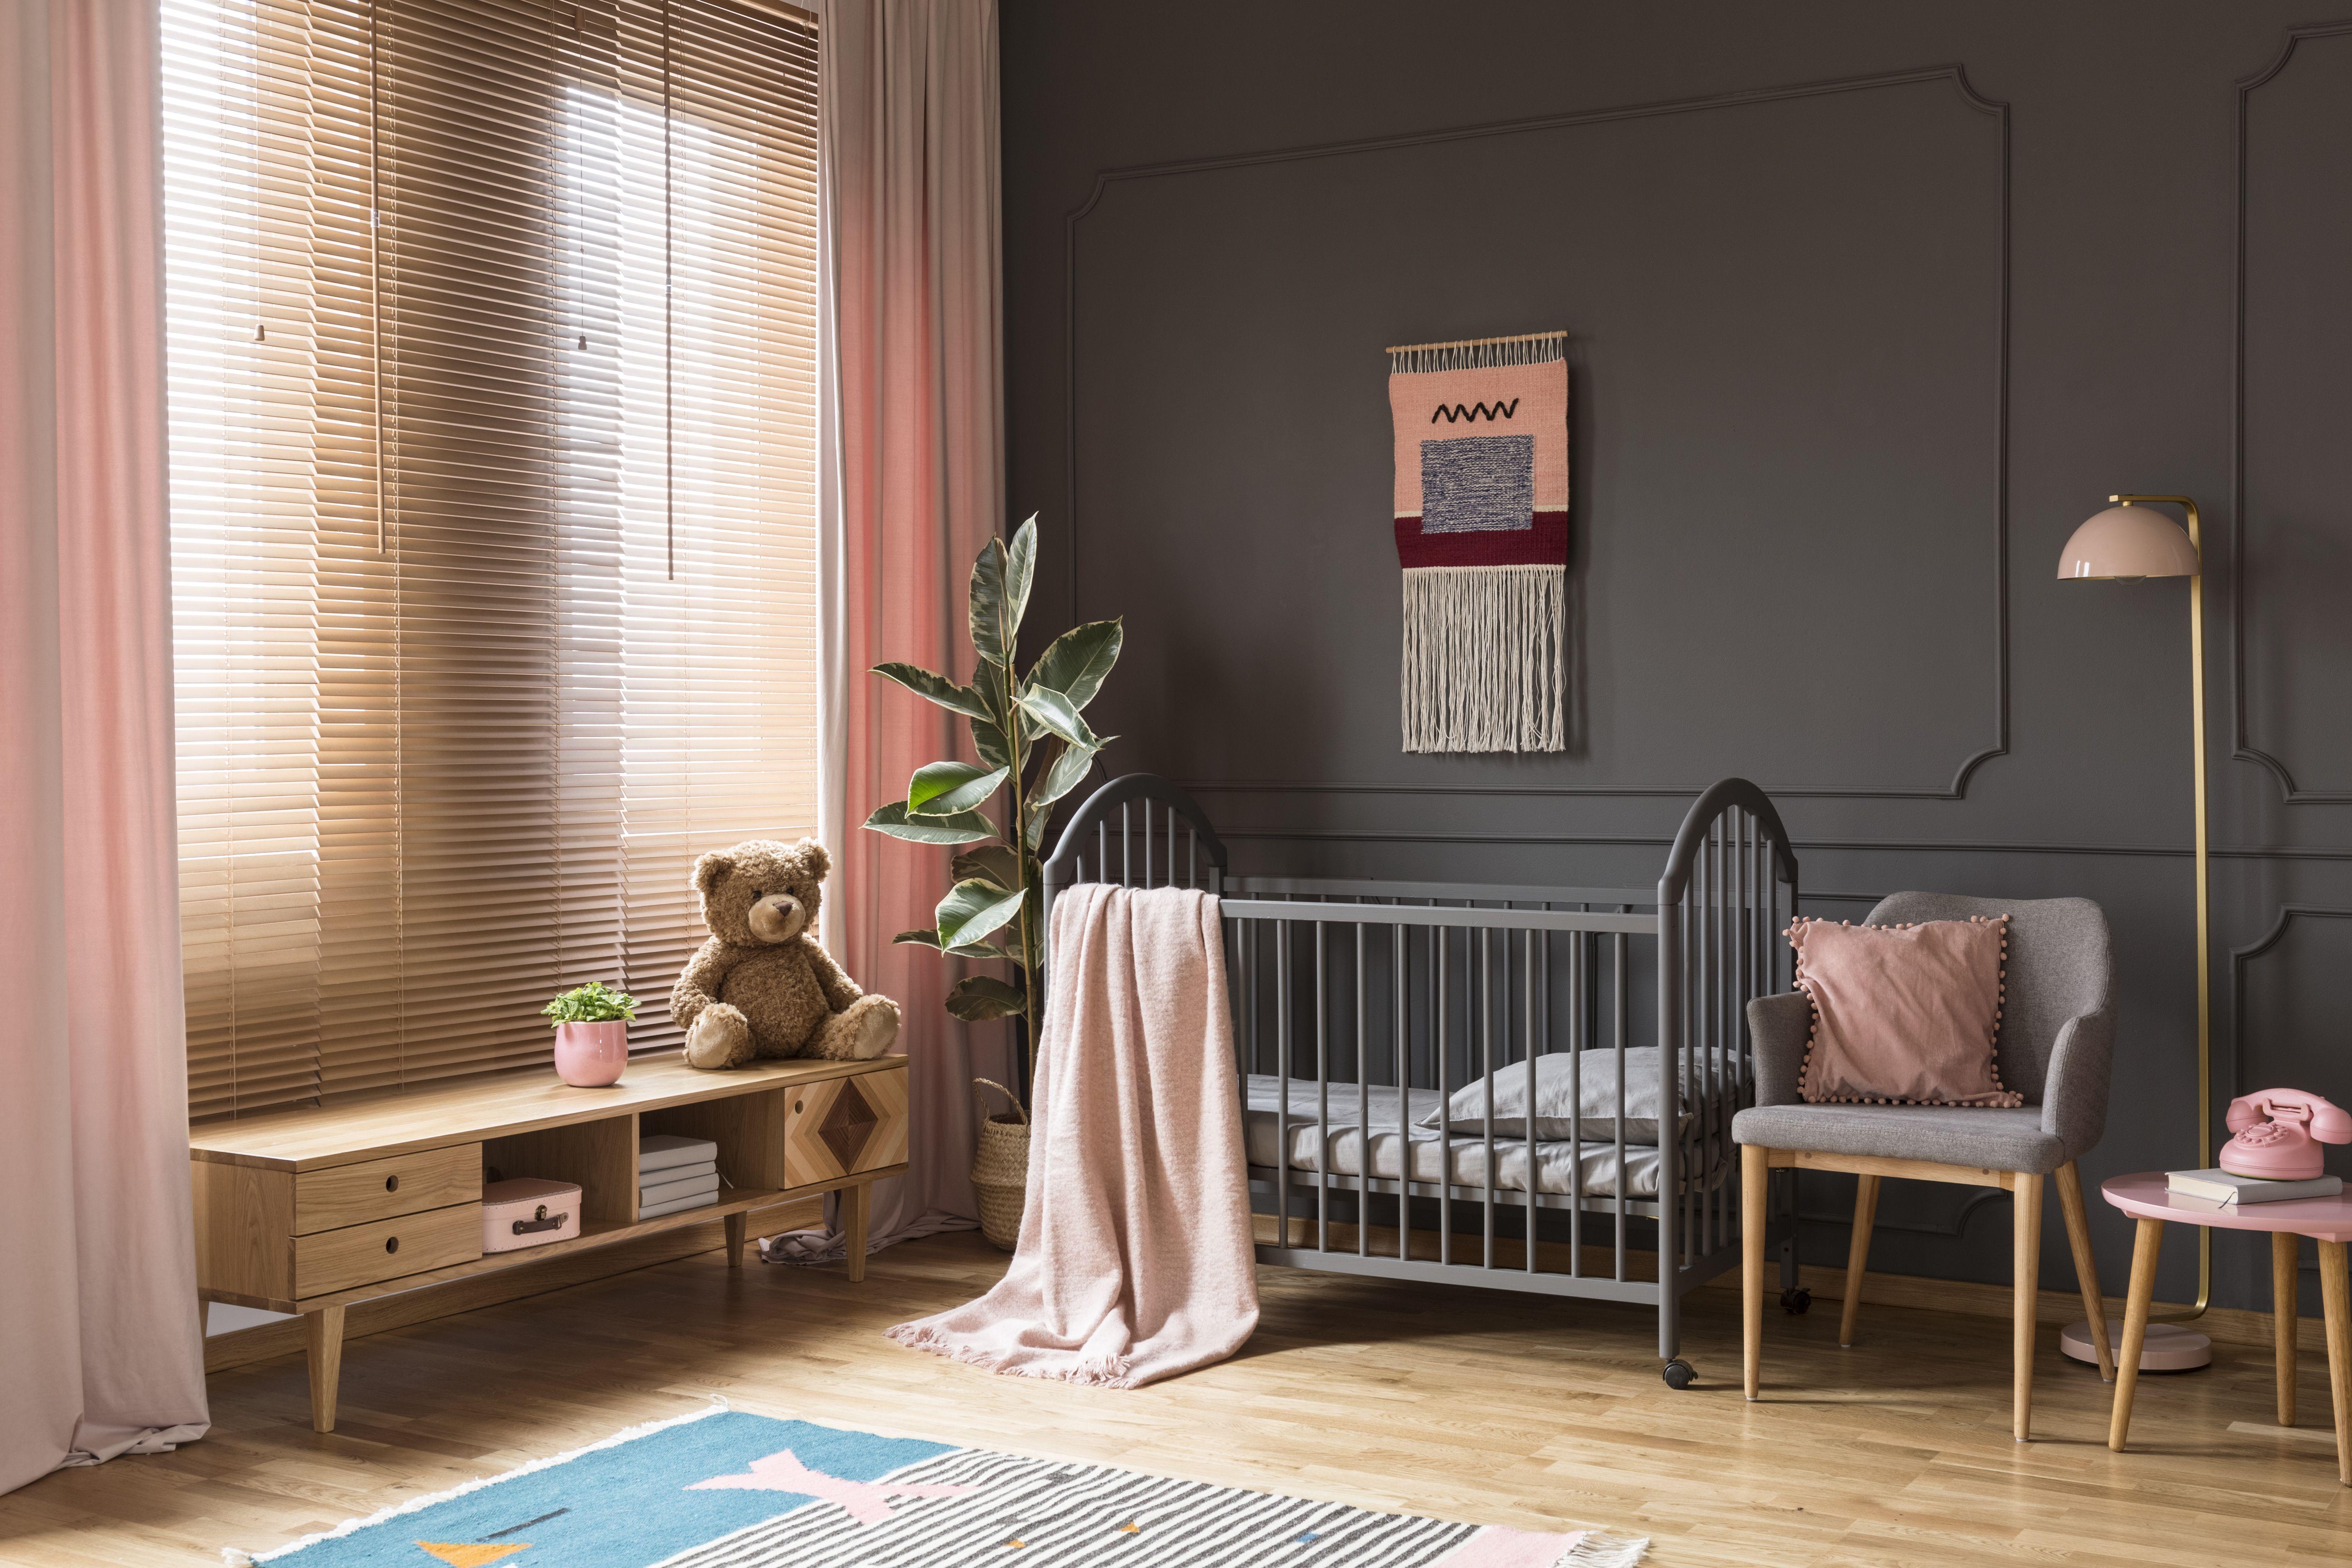 Raamdecoratie Tips Voor De Kinderkamer Slaapkamer Raambekleding Kinderkamer Gordijnen Raamdecoratie